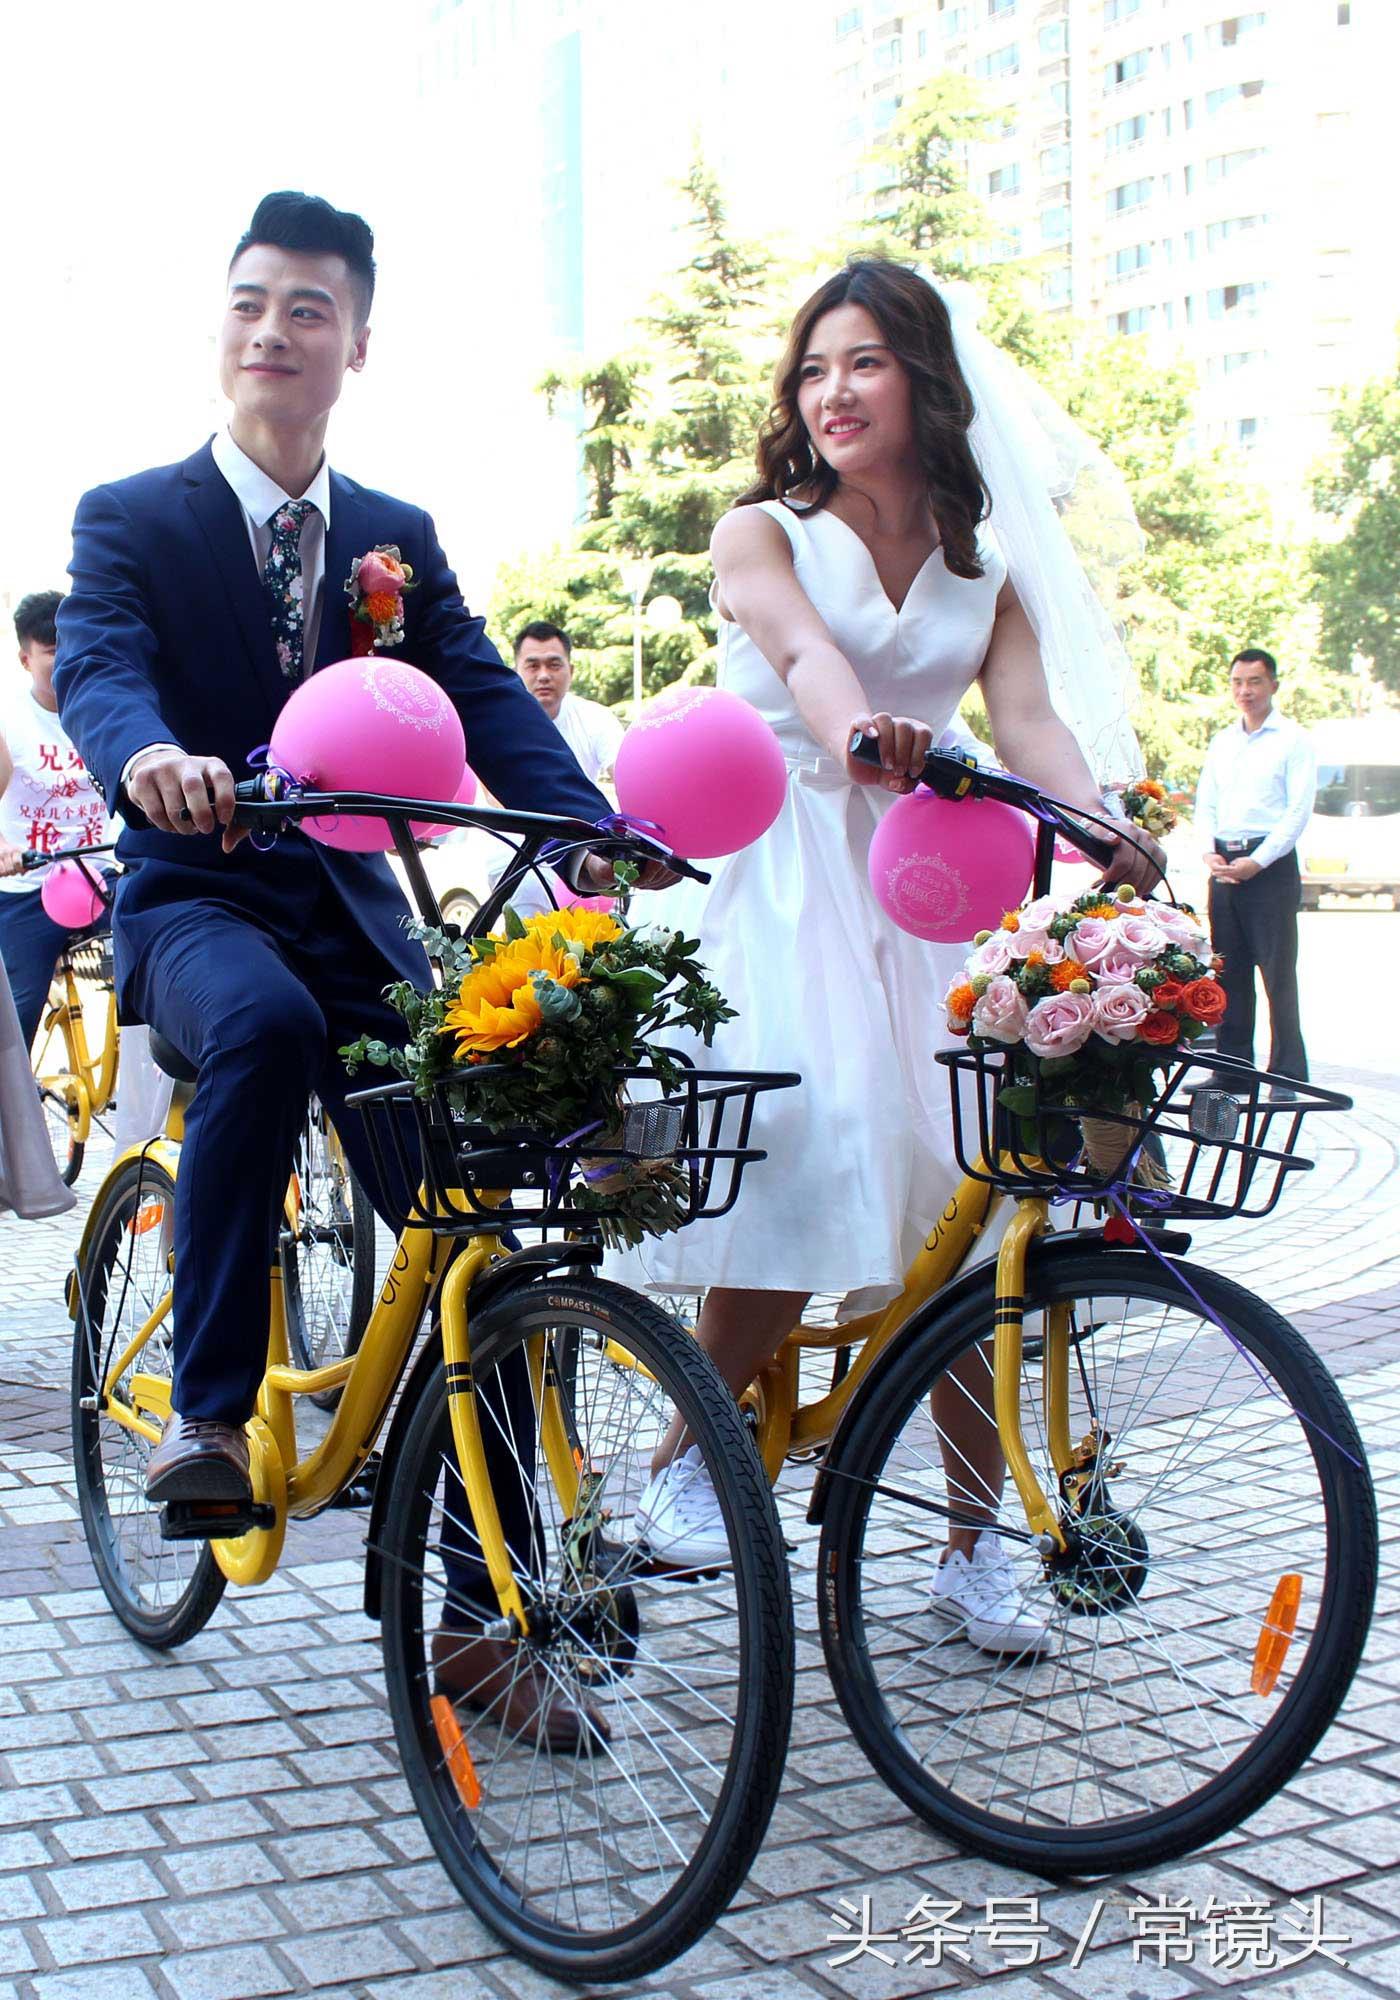 一对新人在共享单车上开启了幸福生活。